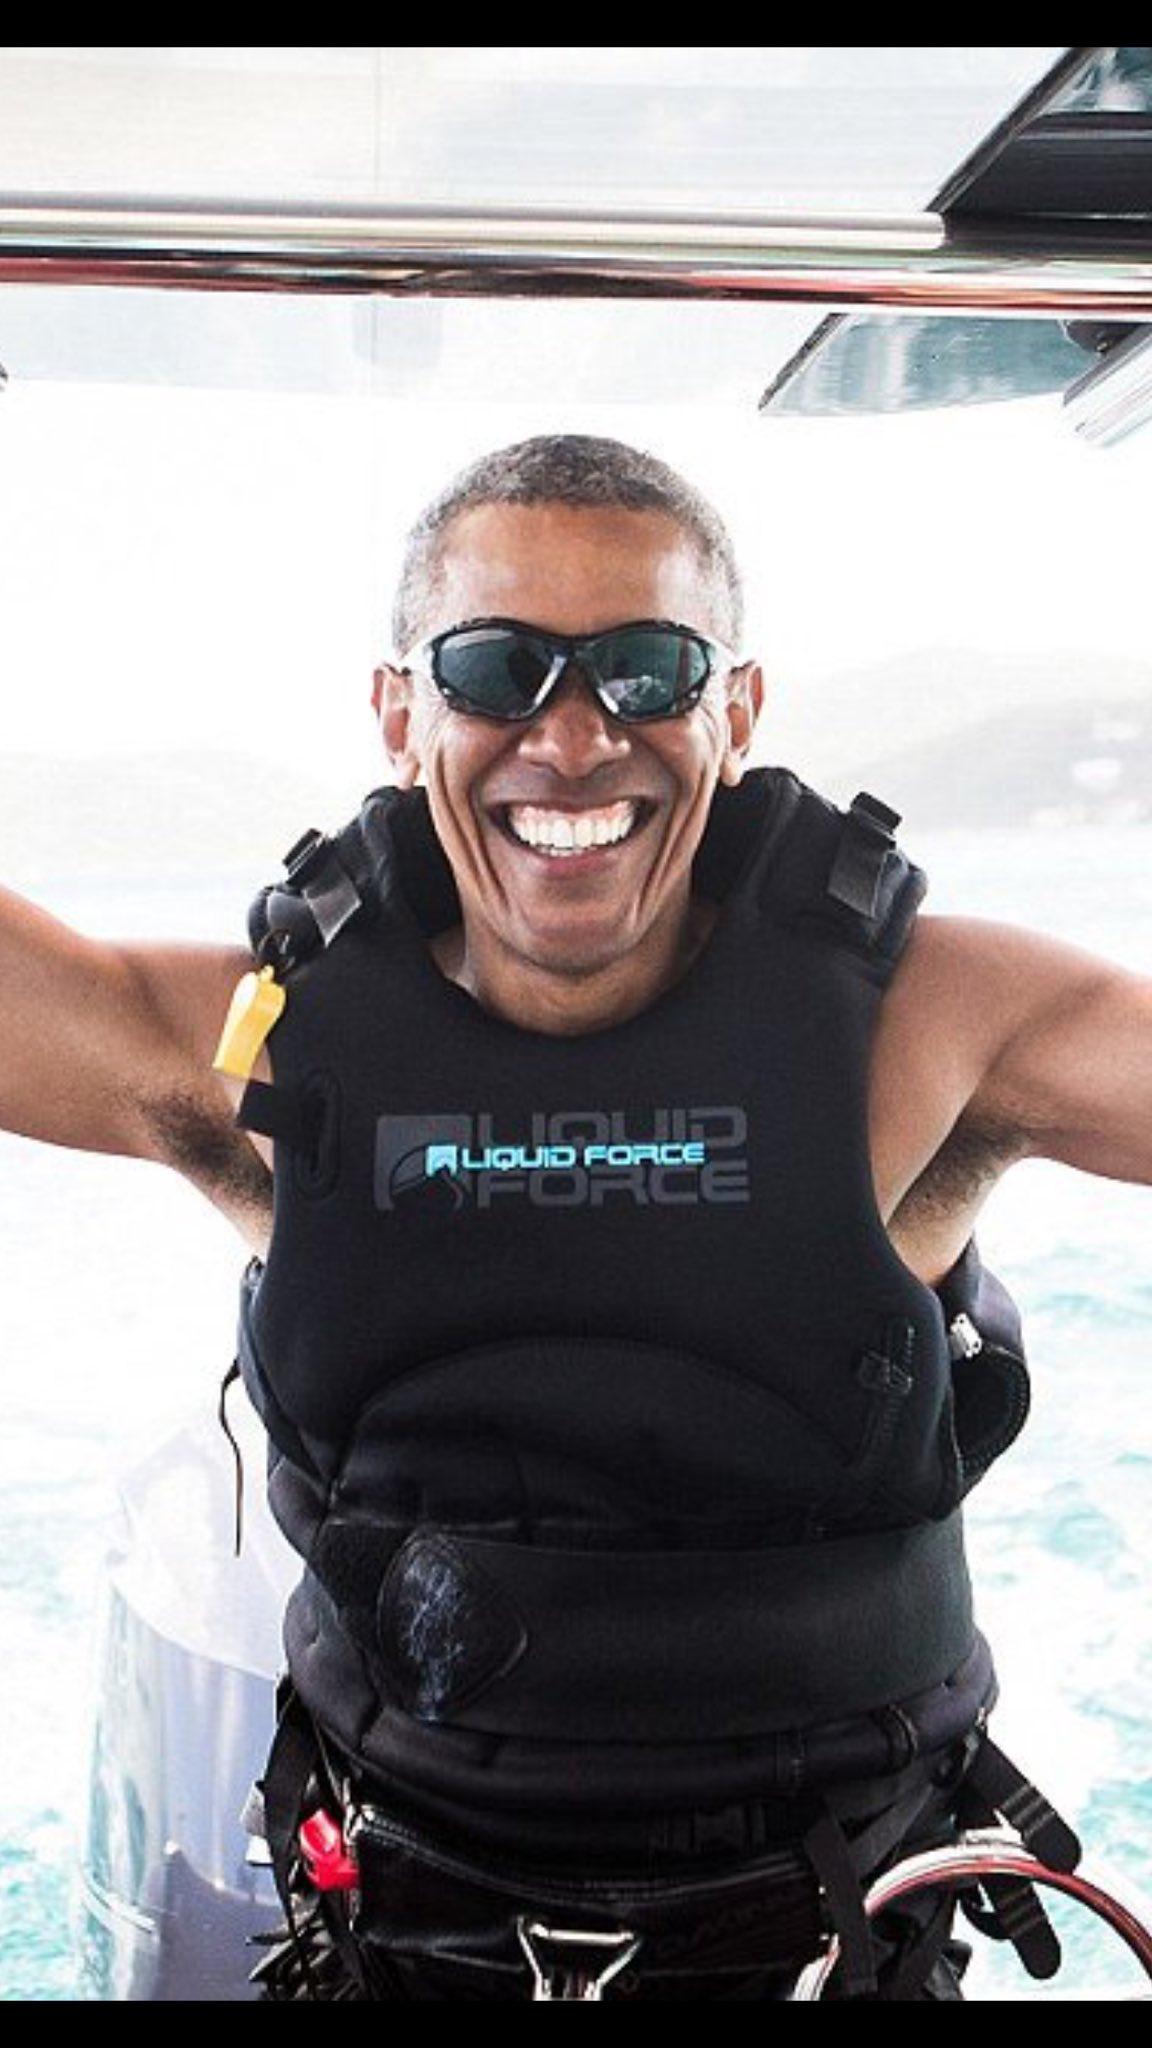 ここまで変わるかw仕事から解放されたオバマが超いい笑顔www